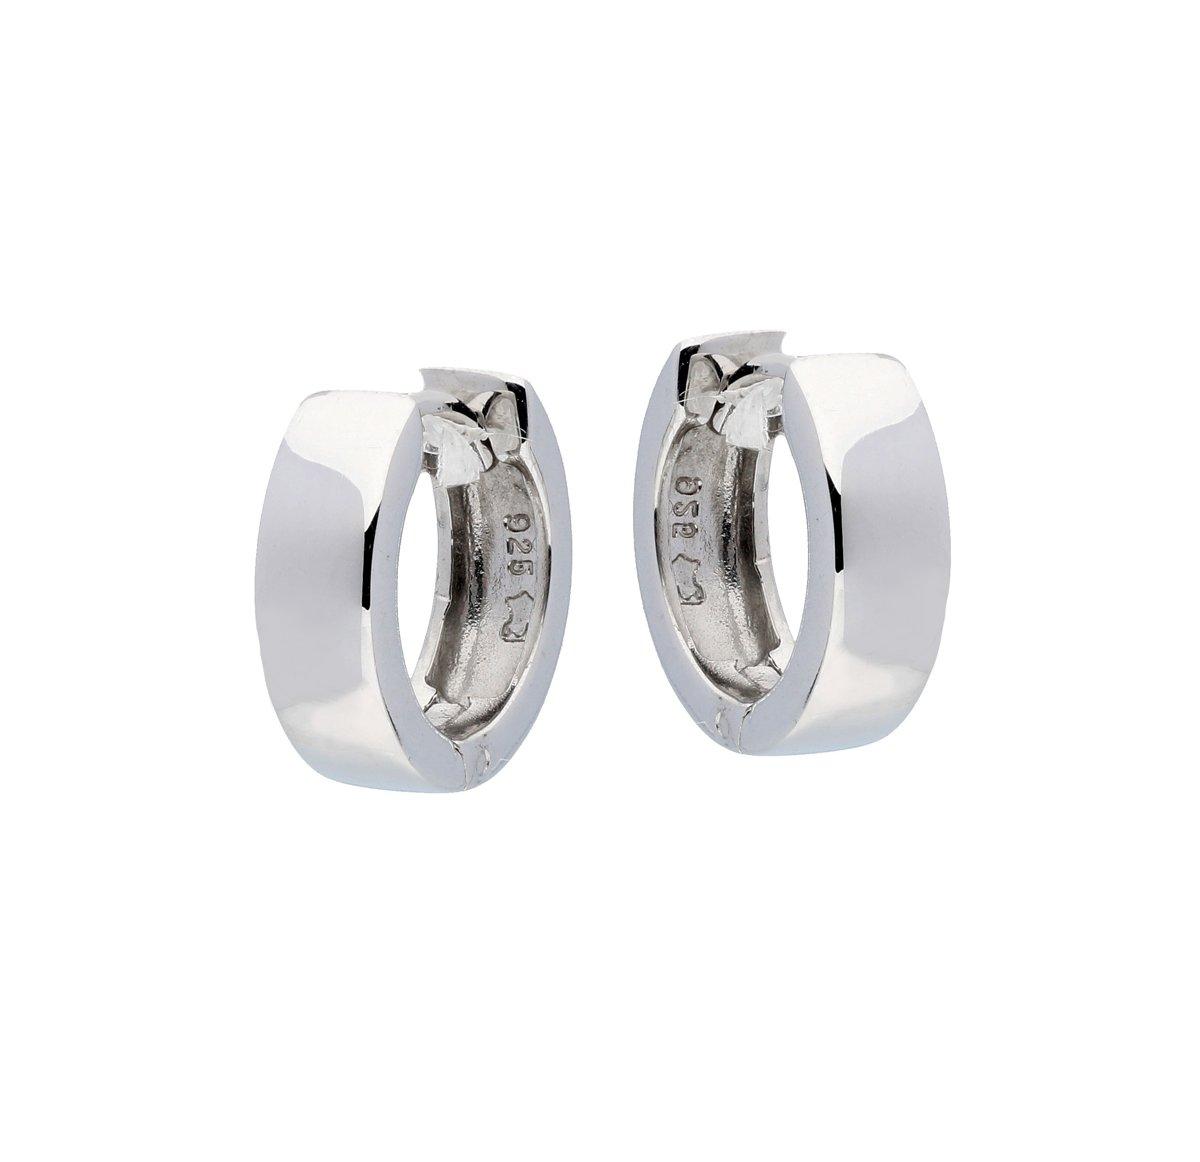 Classics&More klap-oorringen - zilver - vierkante buis 4 mm - 14 mm - gerodineerd kopen